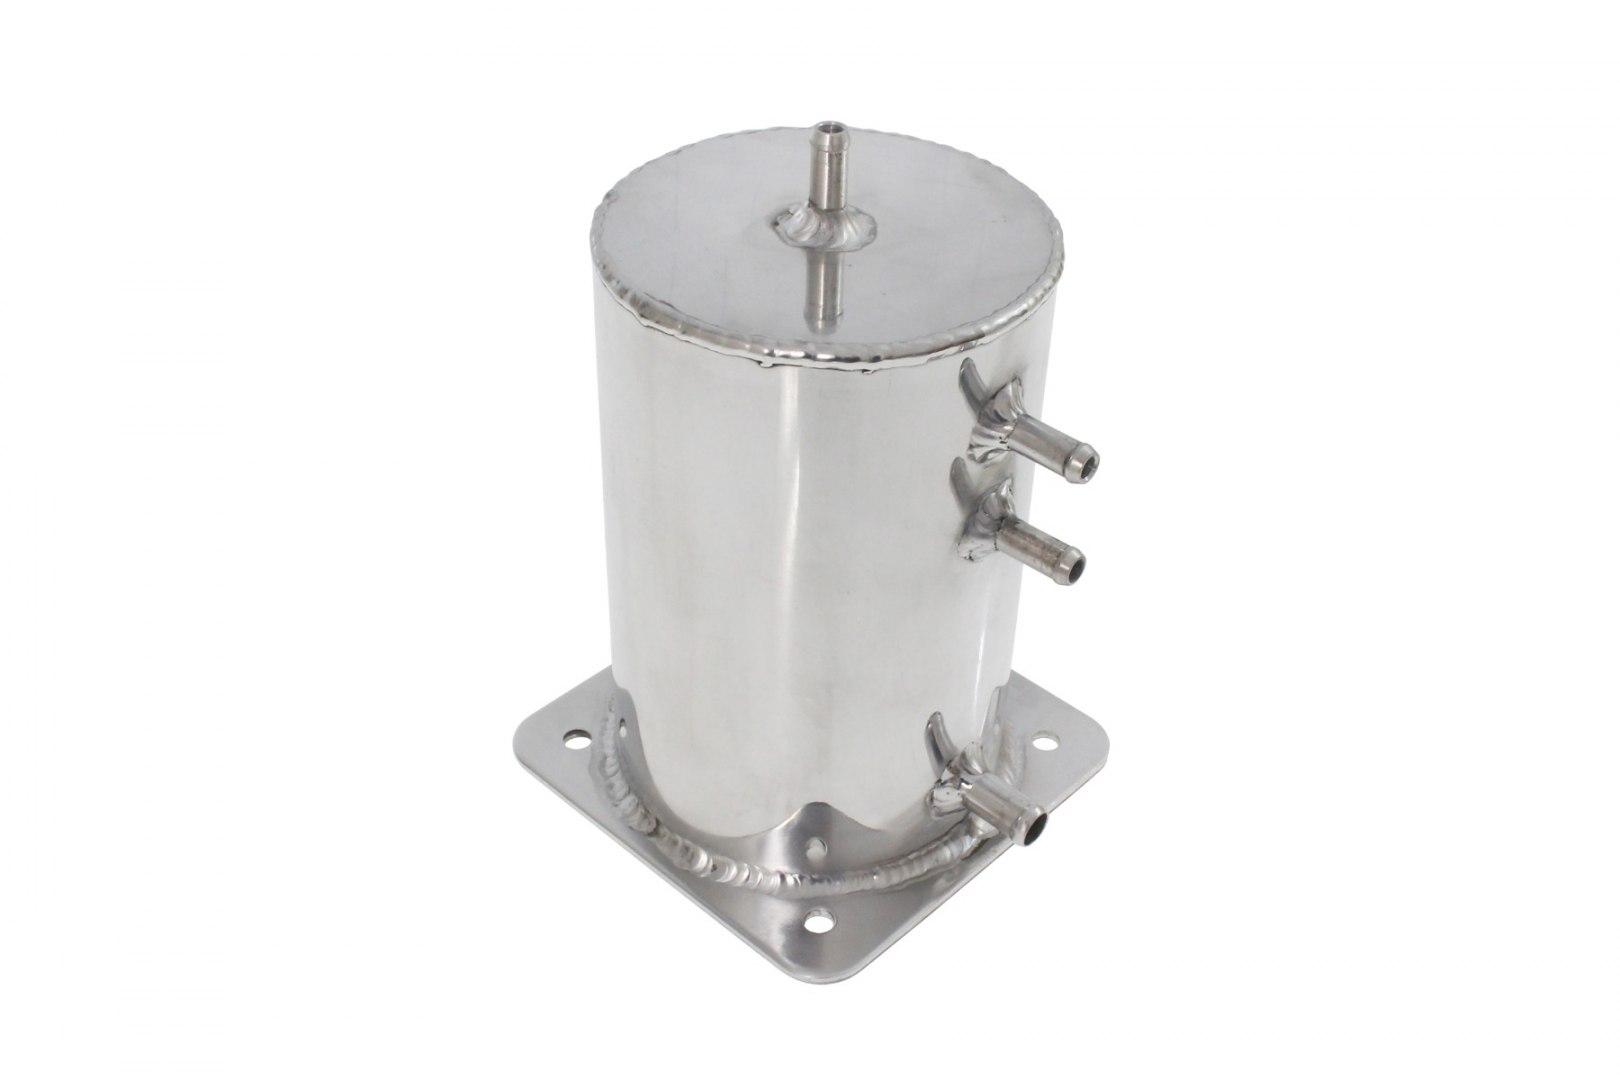 Zbiornik paliwa dodatkowy 1,5L Swirl Pot - GRUBYGARAGE - Sklep Tuningowy